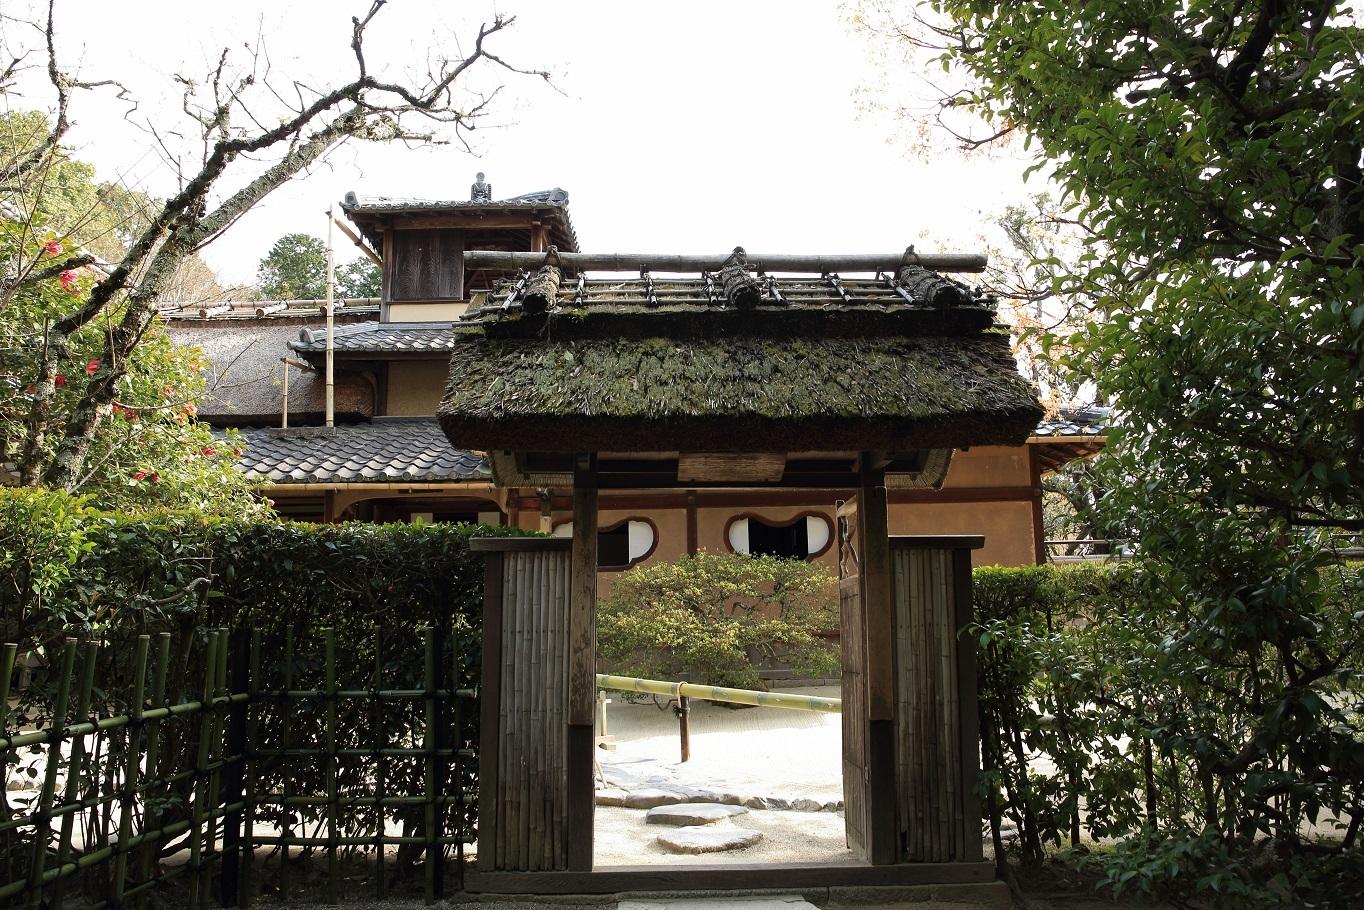 ブログ 老梅関(ろうばいかん)の門、何か目に見えない?.jpg